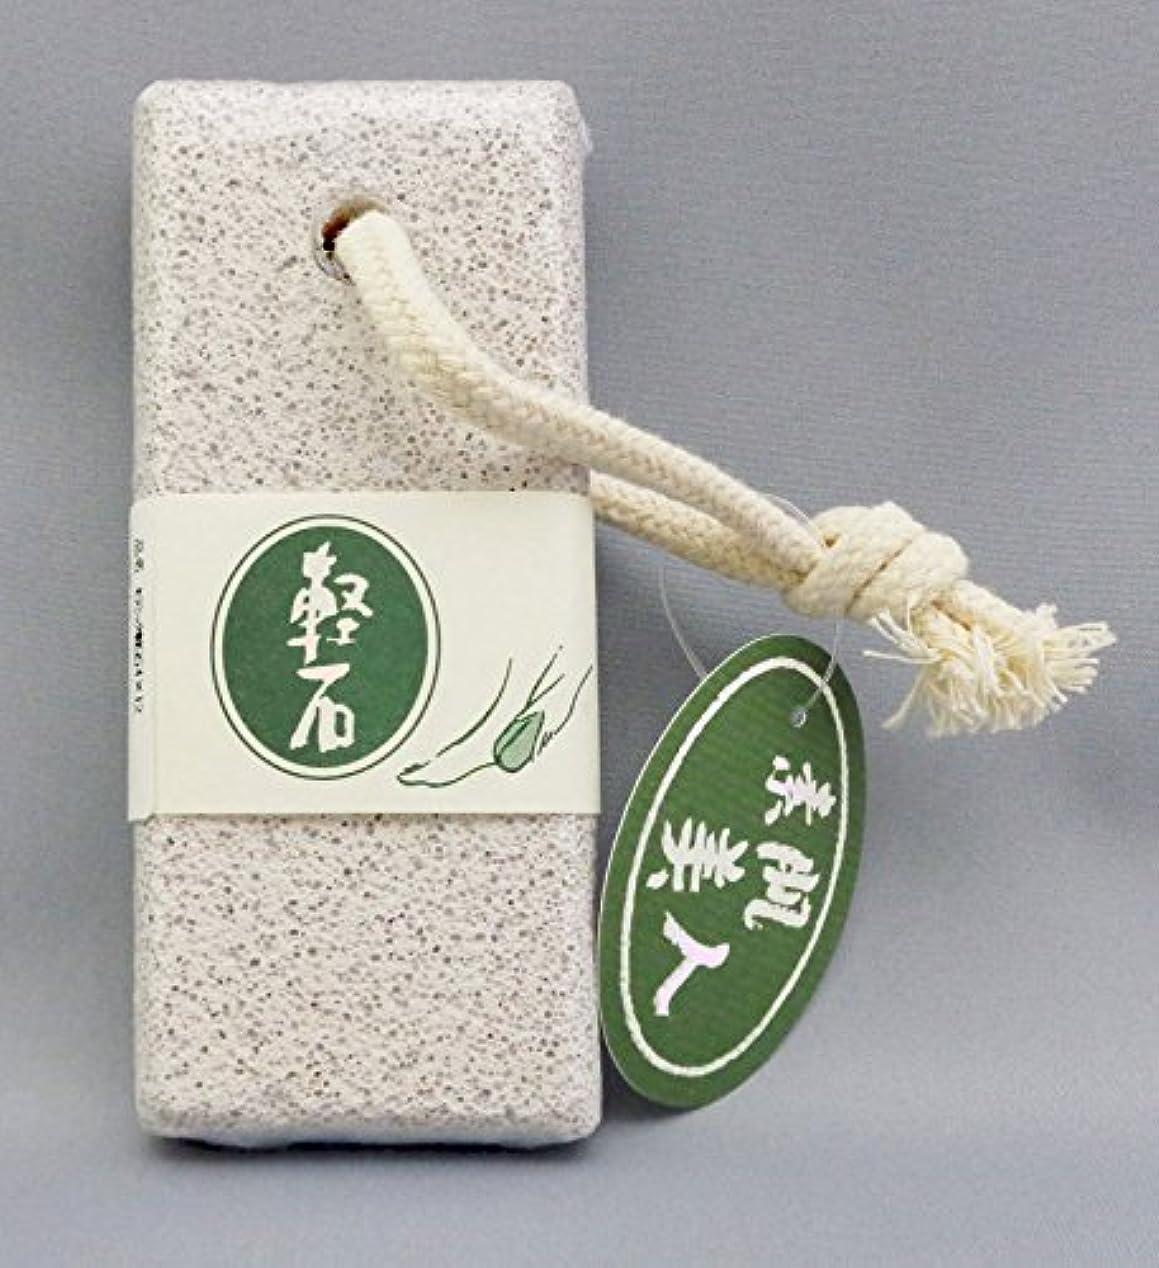 大使め言葉削減シオザキ No.19 セラミック軽石 4x12 天然丸軽石 ヒモ付